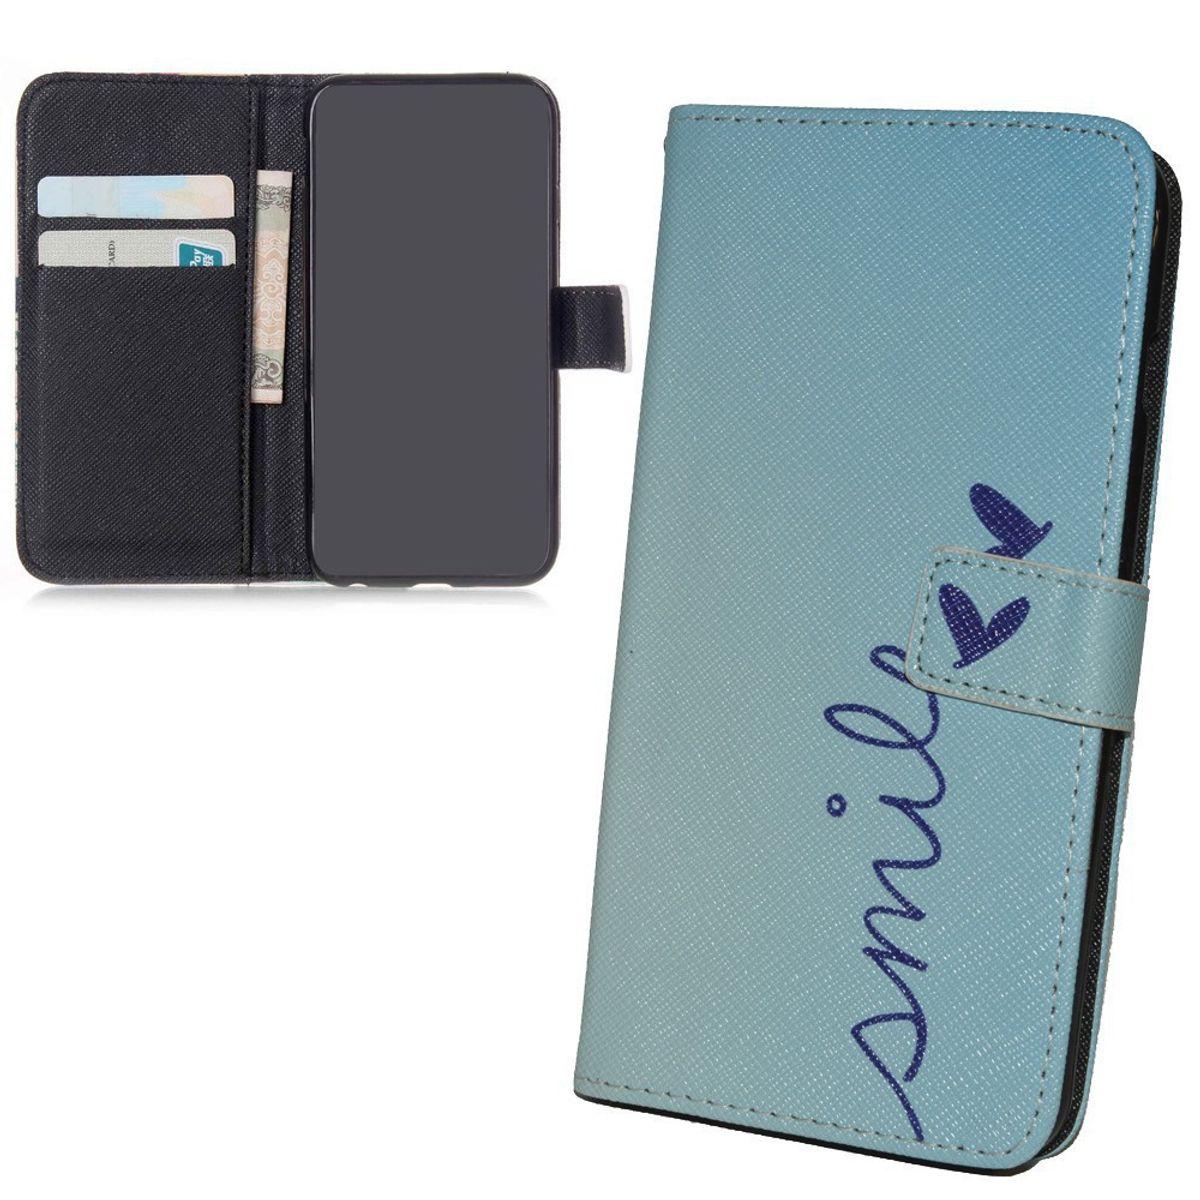 Handyhülle Tasche für Handy Asus Zenfone 6  Schriftzug Smile Blau